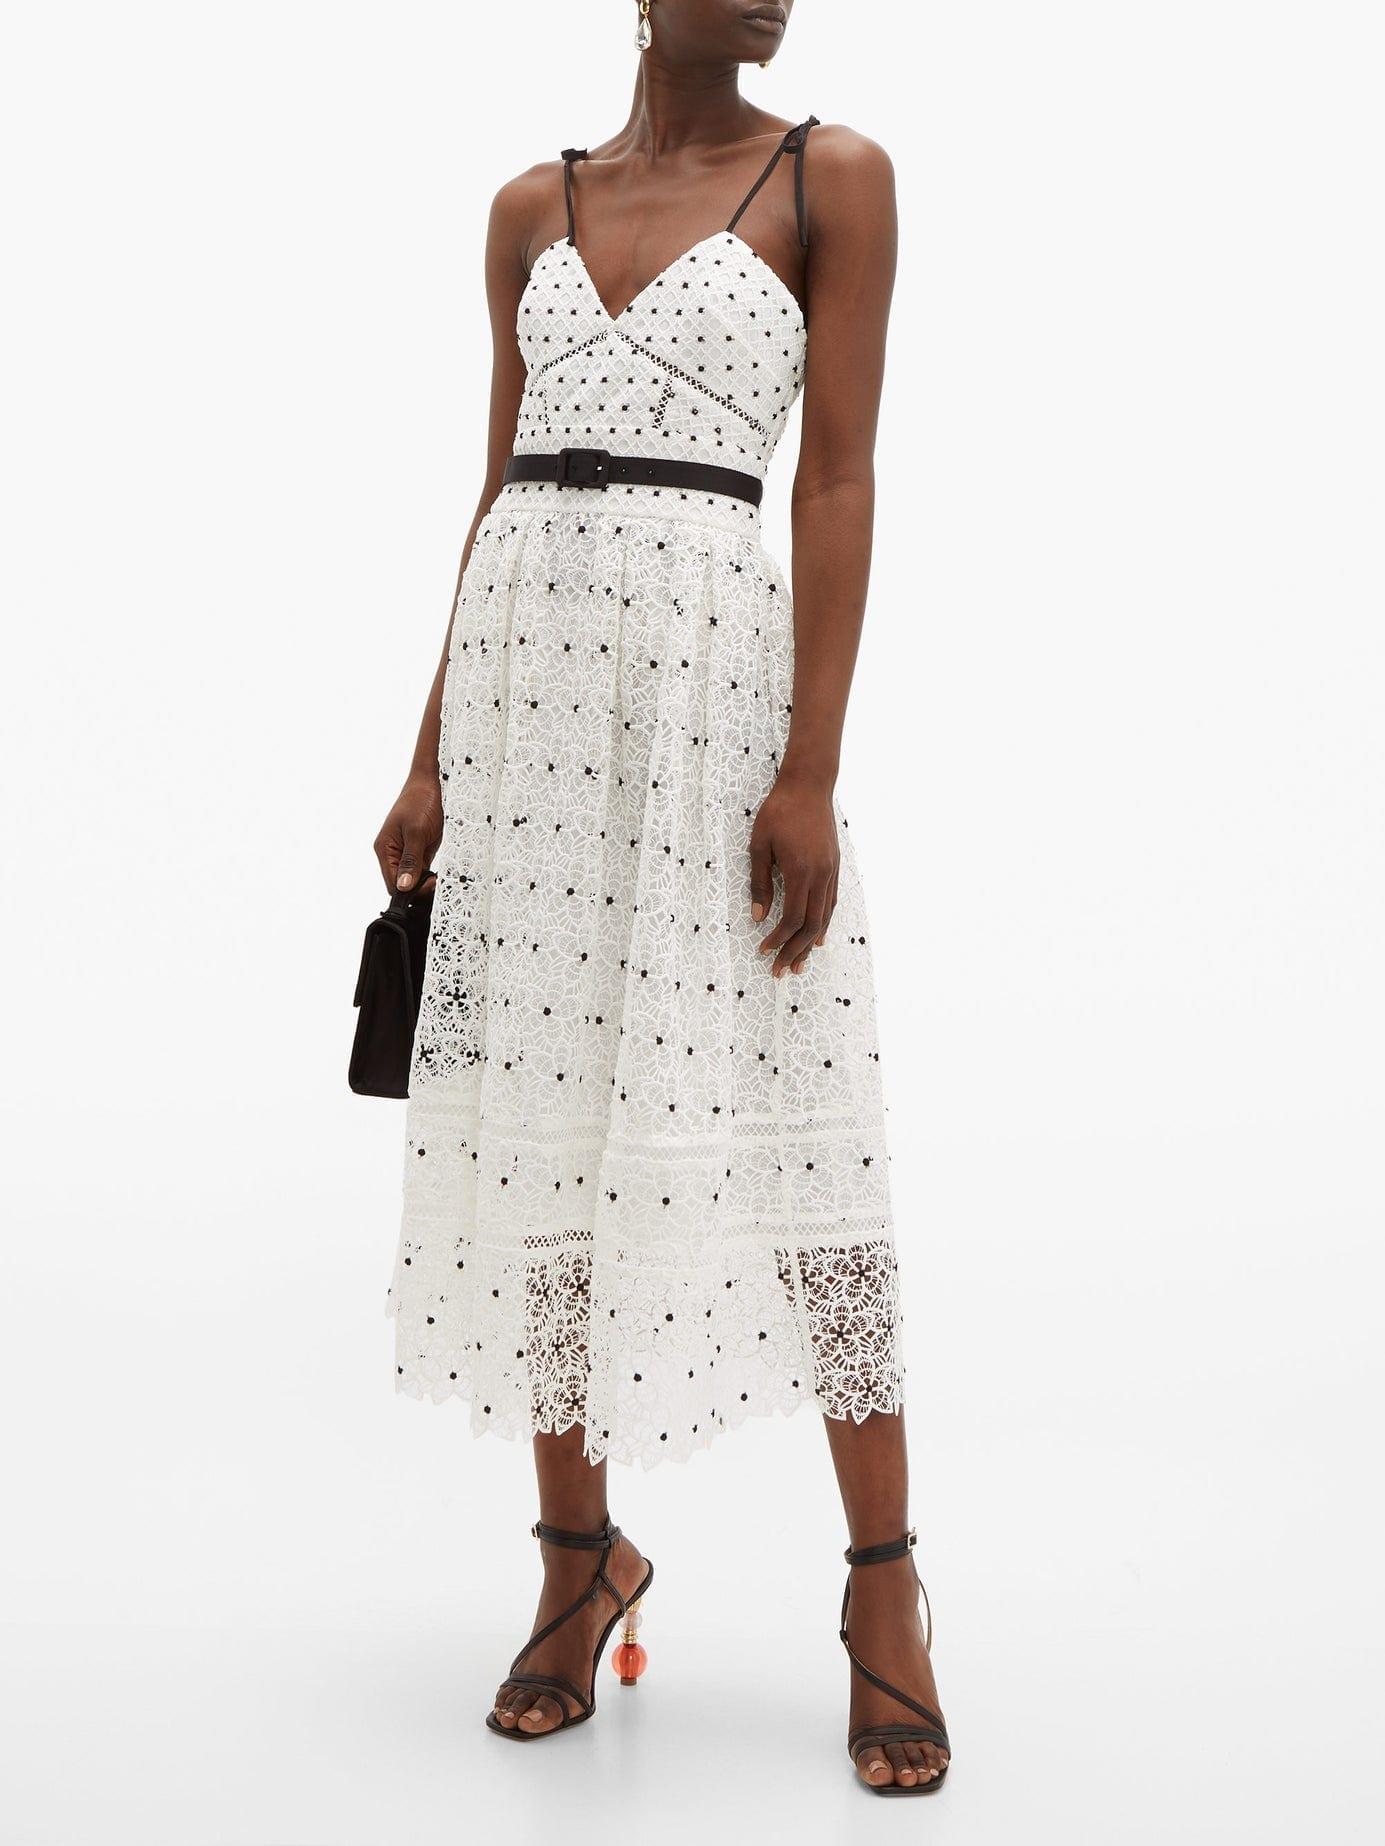 SELF-PORTRAIT Polka-dot & Floral Lace Midi White Dress